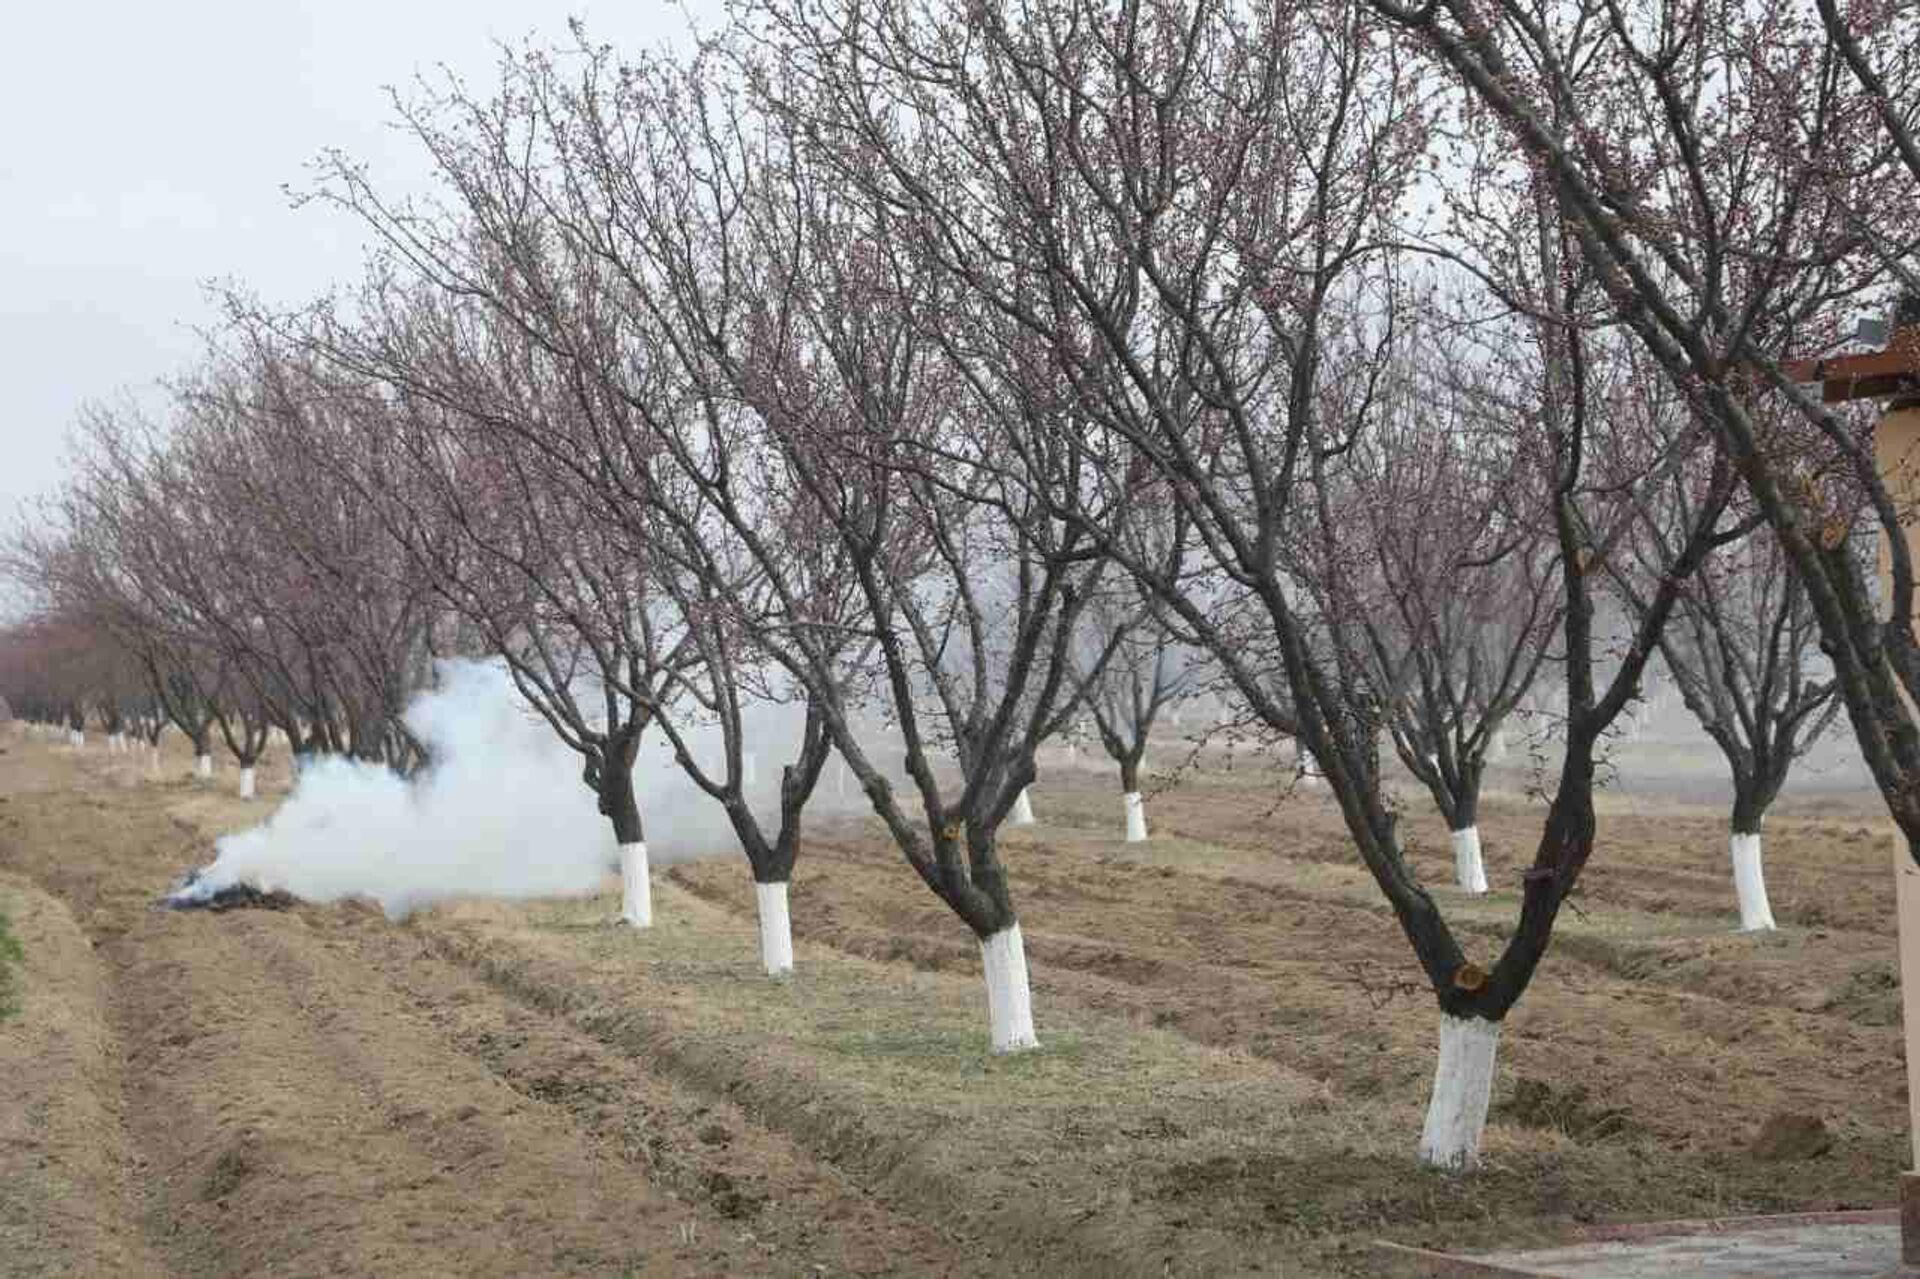 Раджаббой Ахмадзода посетил с рабочей группой поля с плодовыми деревьями  - Sputnik Тоҷикистон, 1920, 06.04.2021